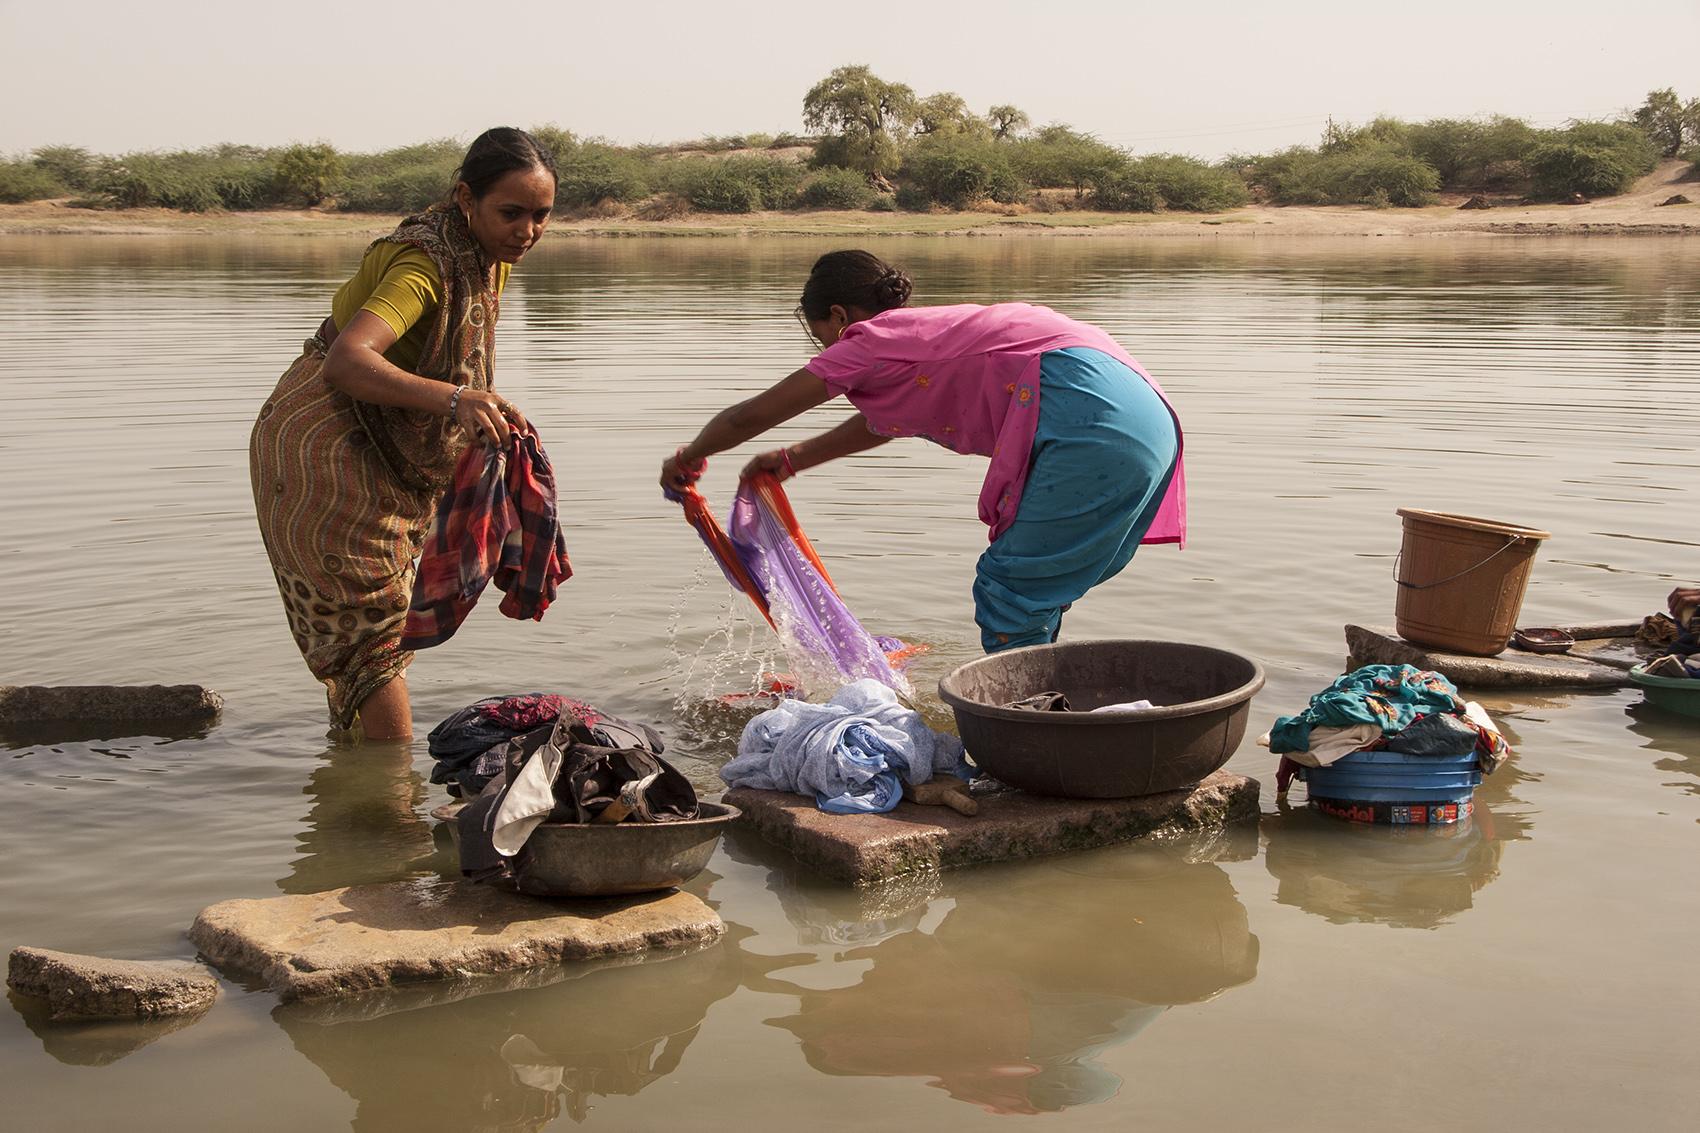 Laundry, Goriyawad, India